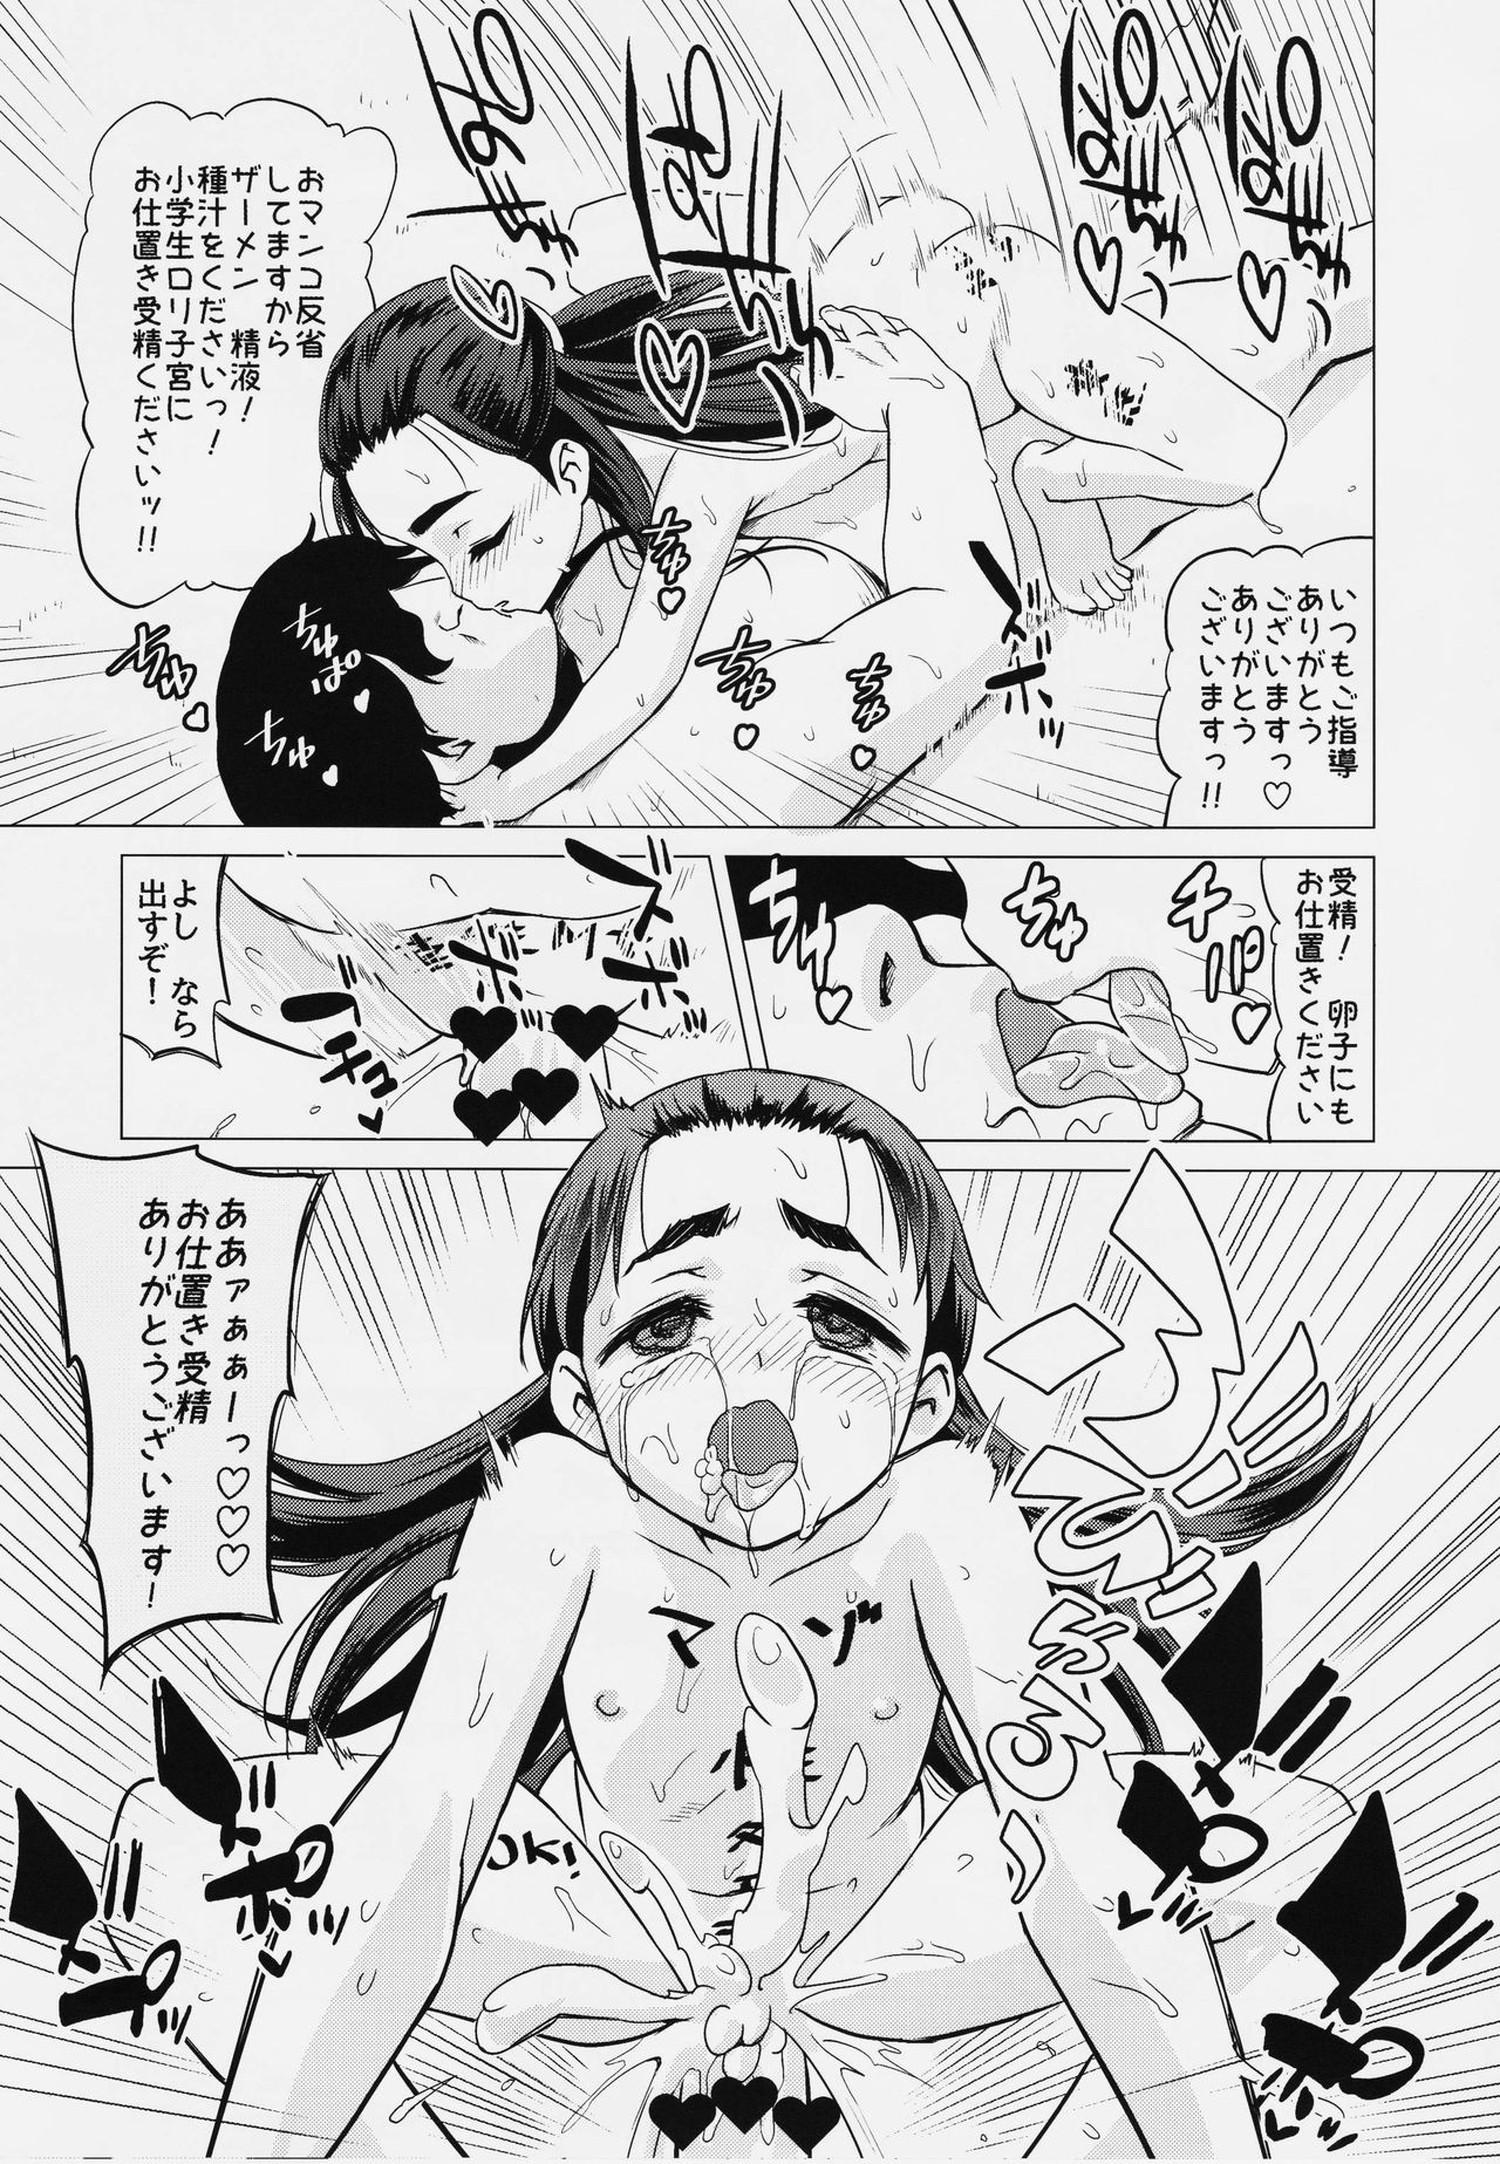 【エロ漫画・エロ同人】お尻を叩かれてエッチなことに目覚めてしまったM女JSが先生に調教されて、脱糞プレイでも感じちゃう変態に・・・ (30)